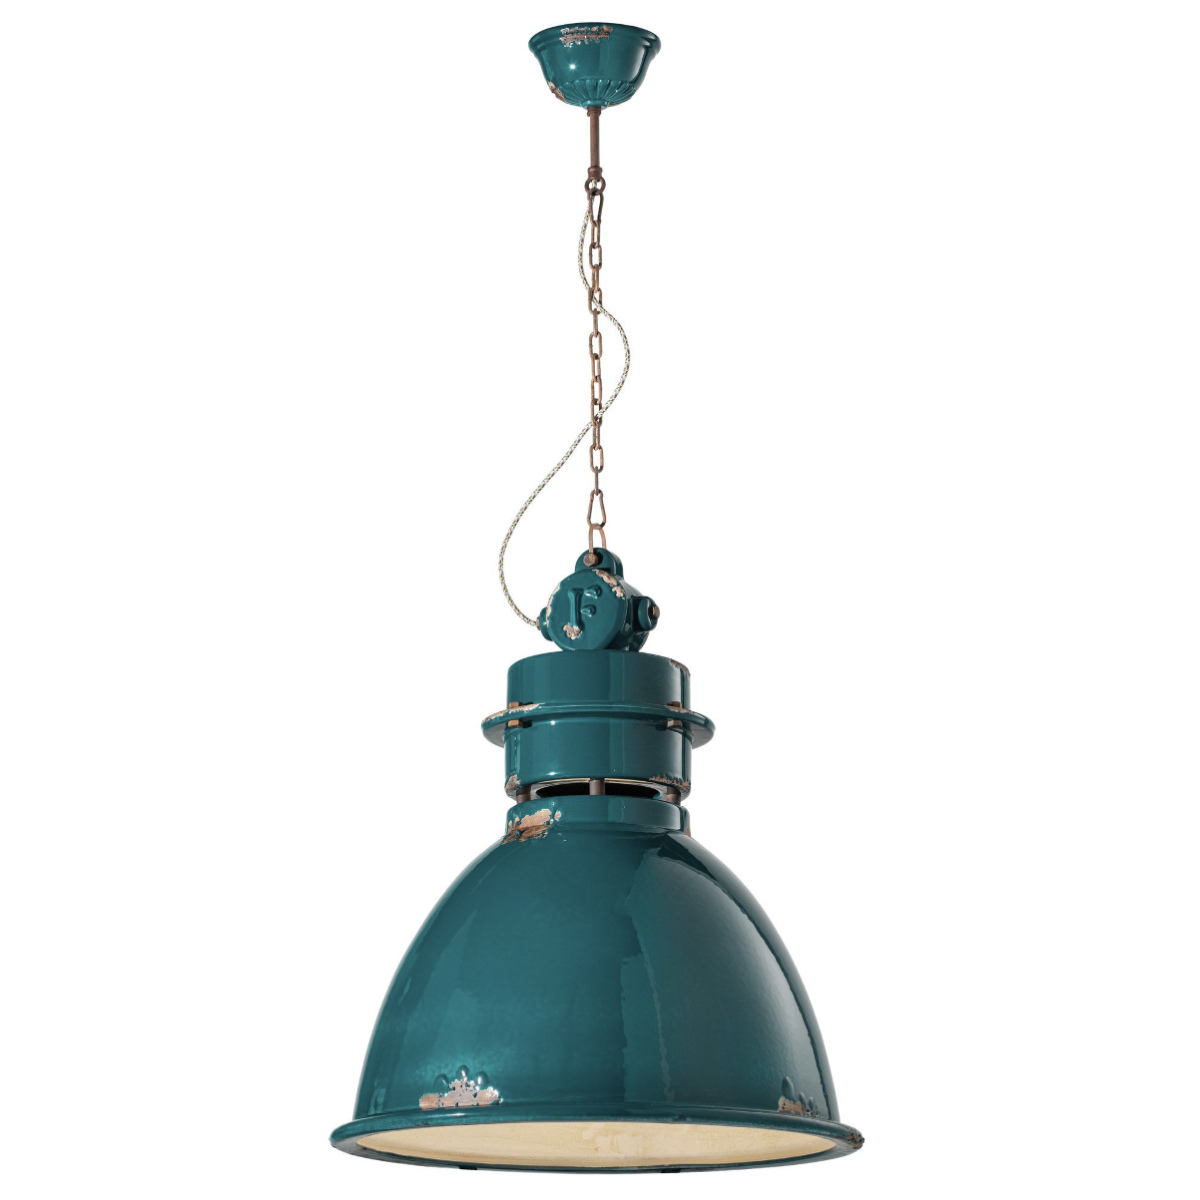 גוף תאורה בסגנון אורבני – בצבע טורקיז C-1750